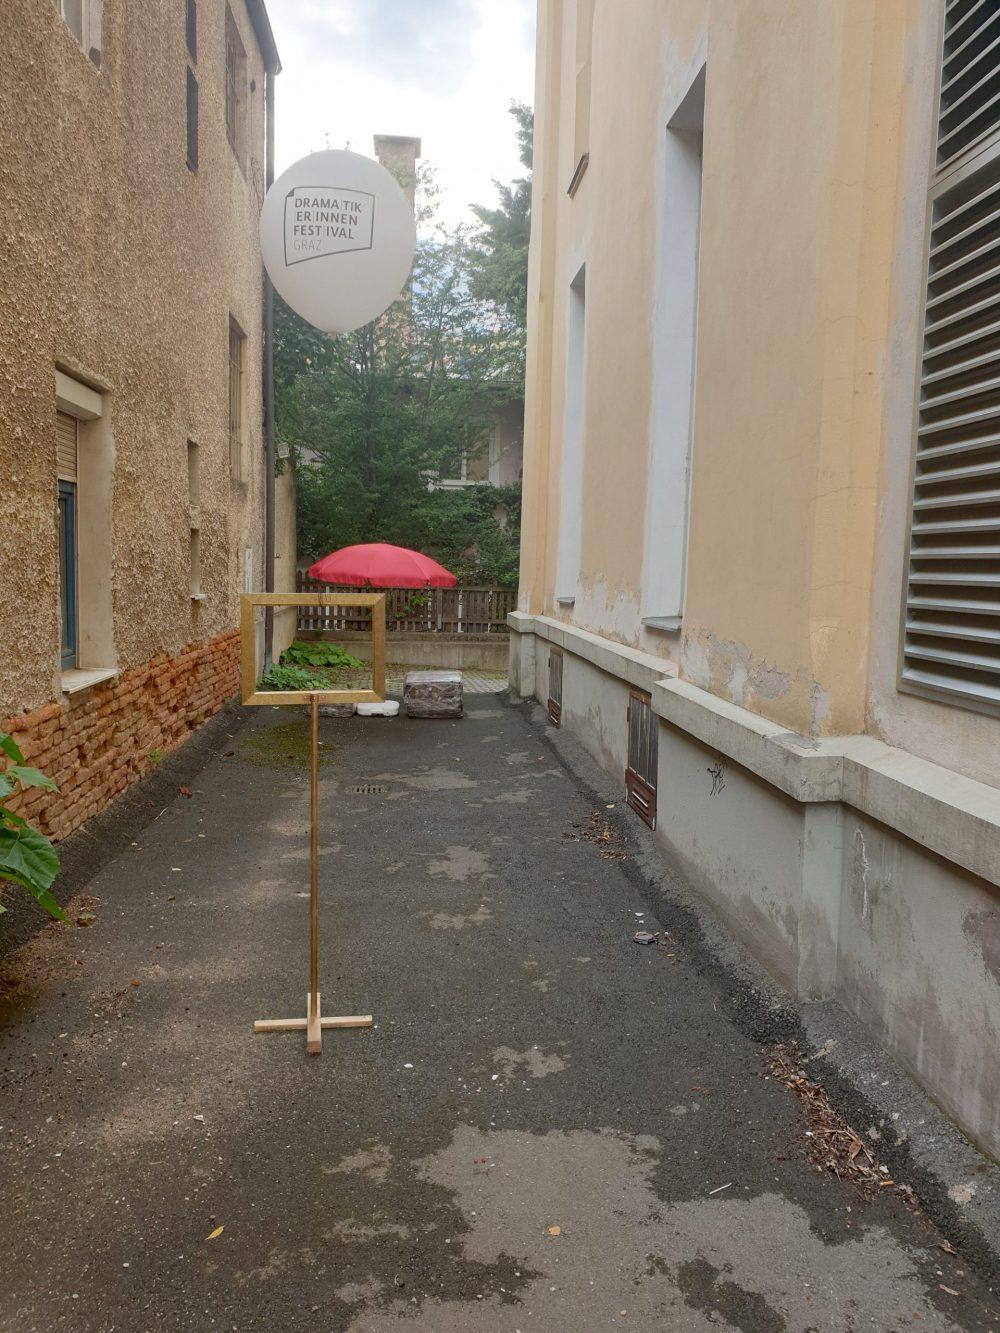 Roter Sonnen-/Regen-Schirm in einem schmalen, fast tristen Hinterhof